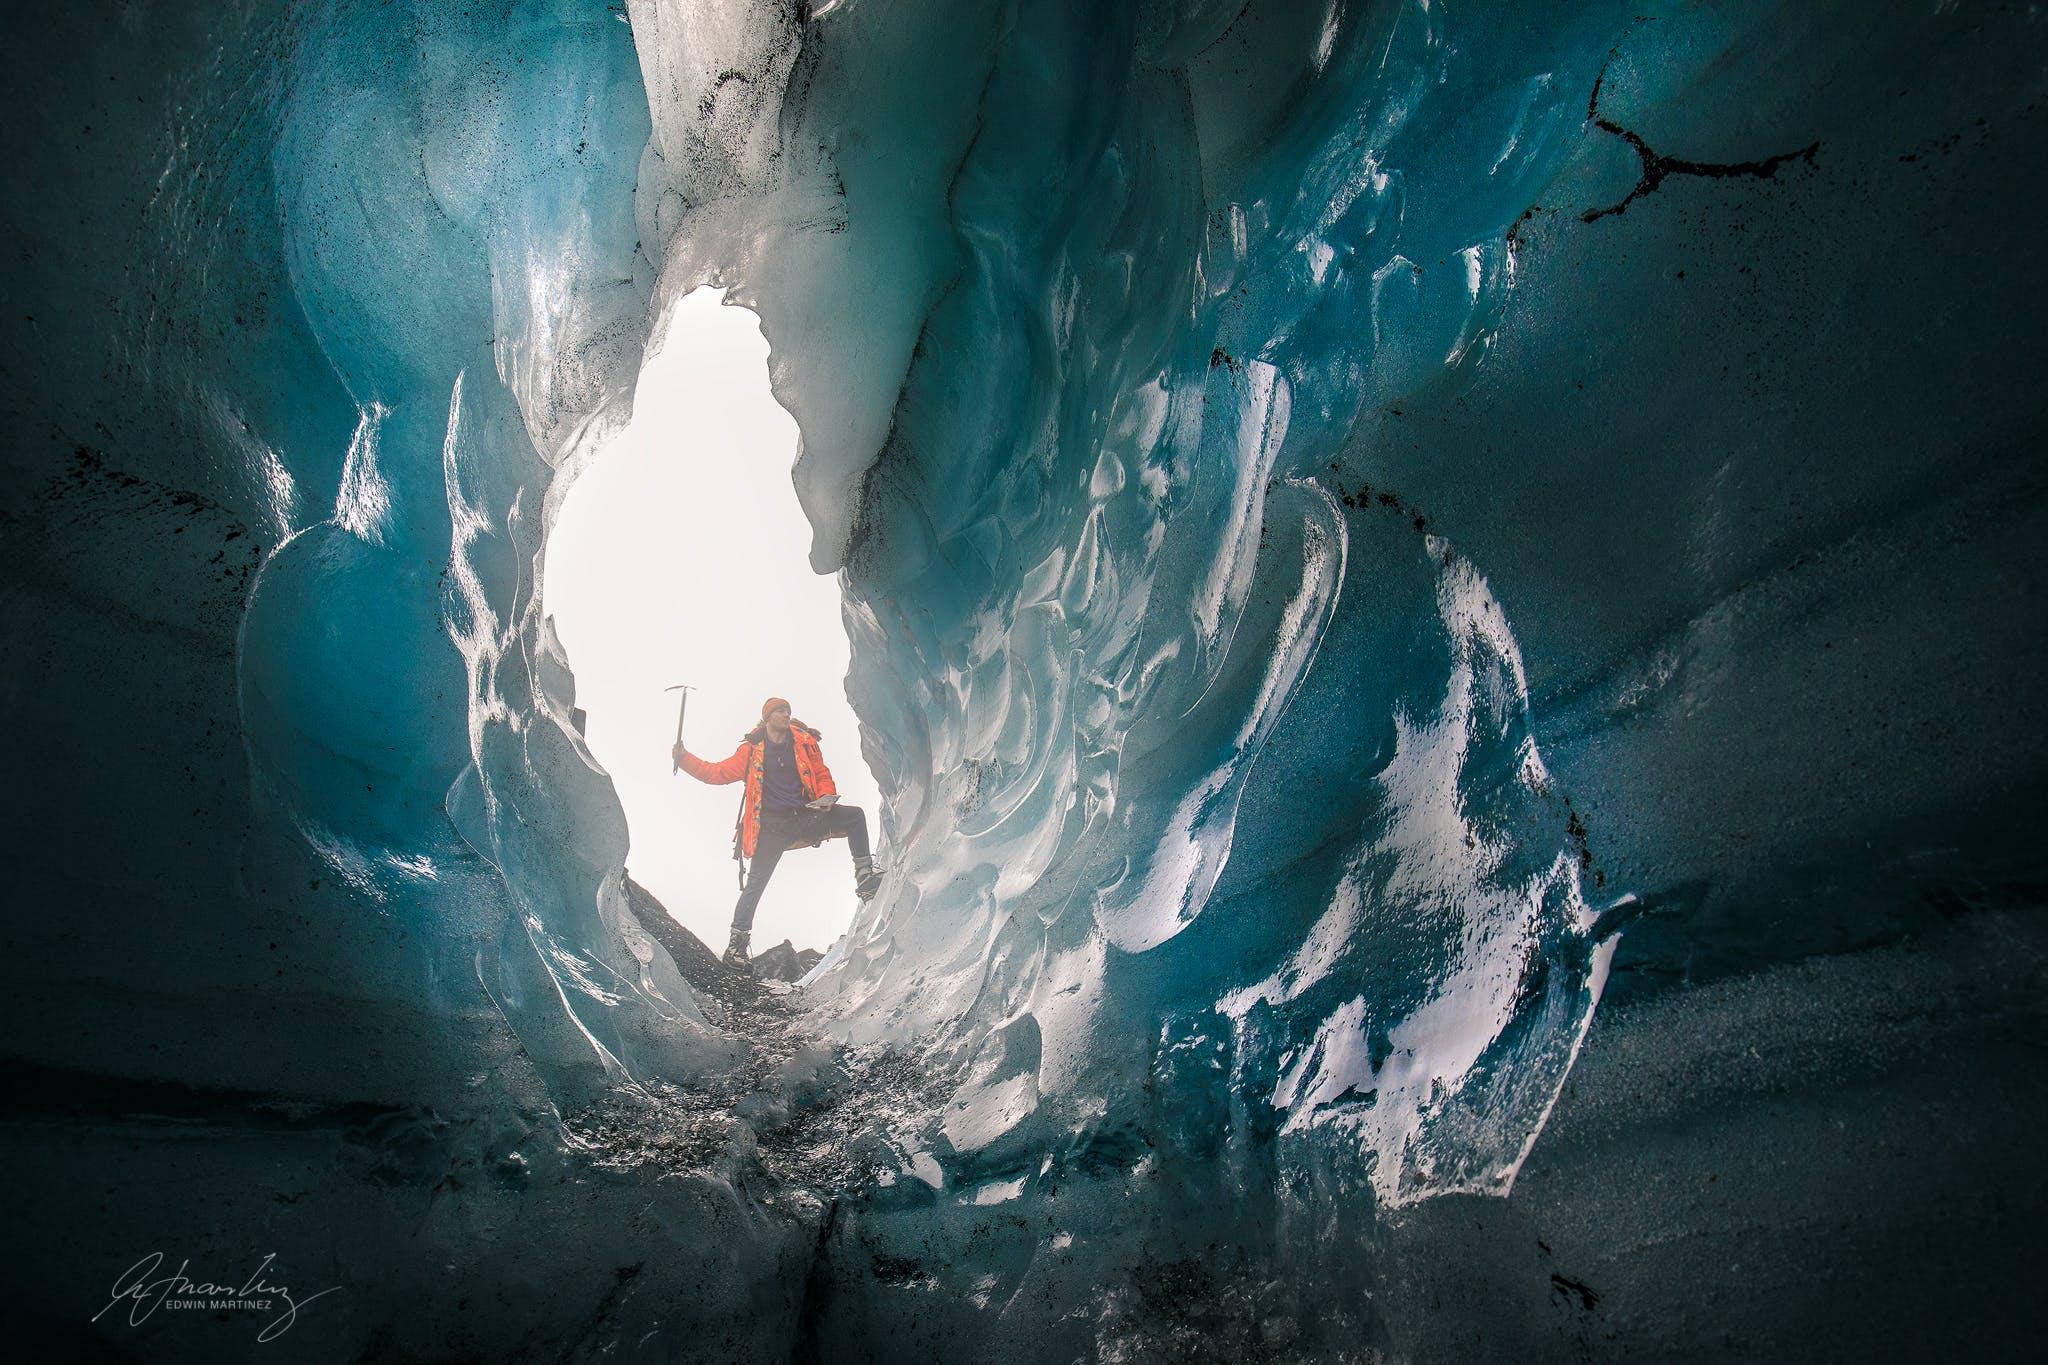 Południowe wybrzeże i lodowiec Solheimajokull - średni poziom trudności